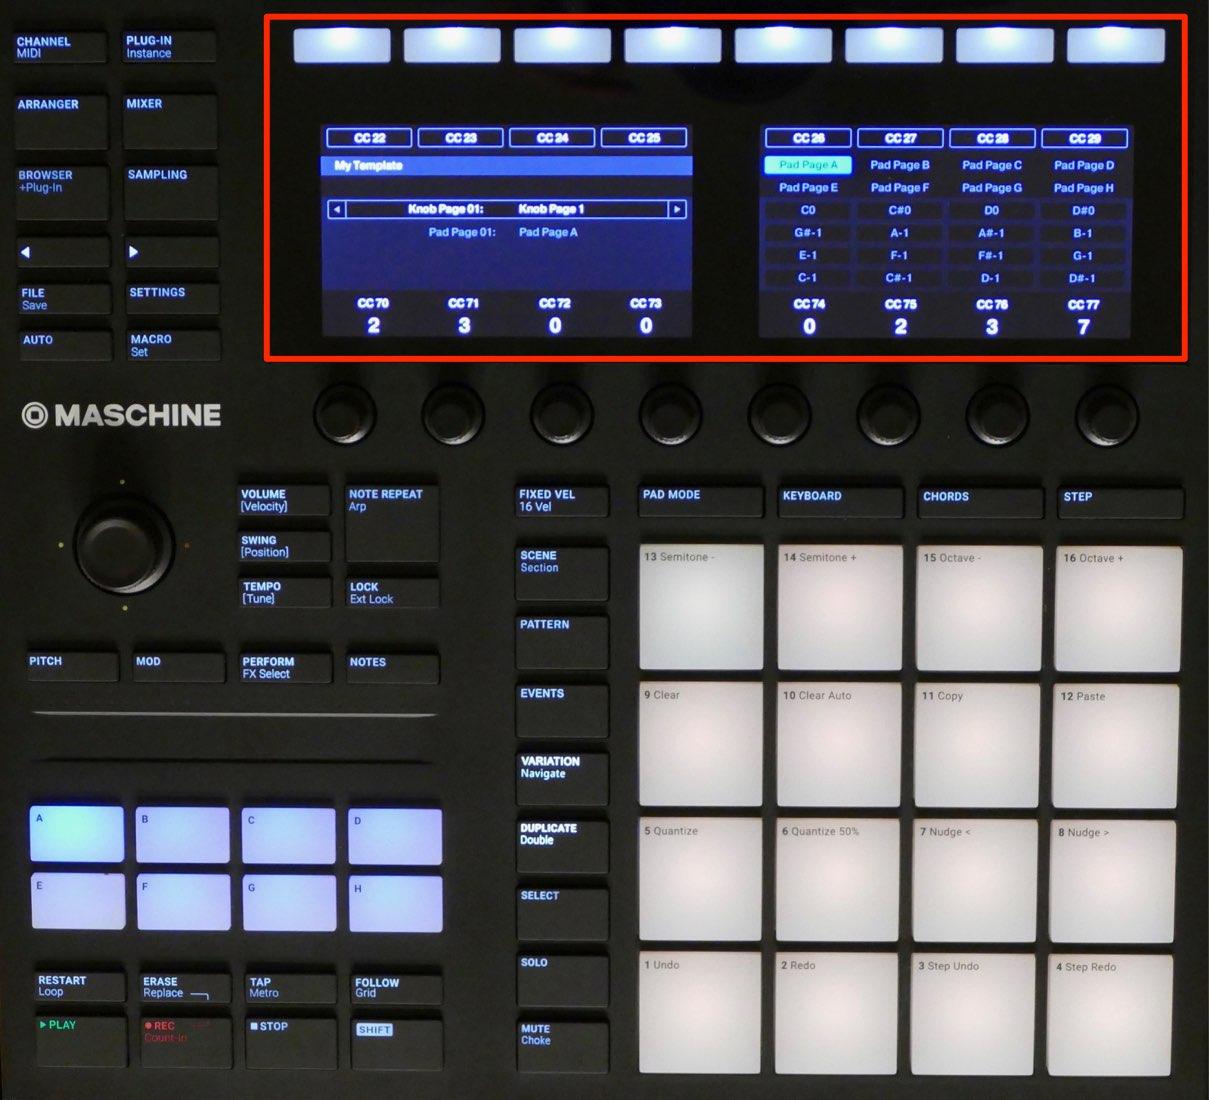 MIDIモード 2